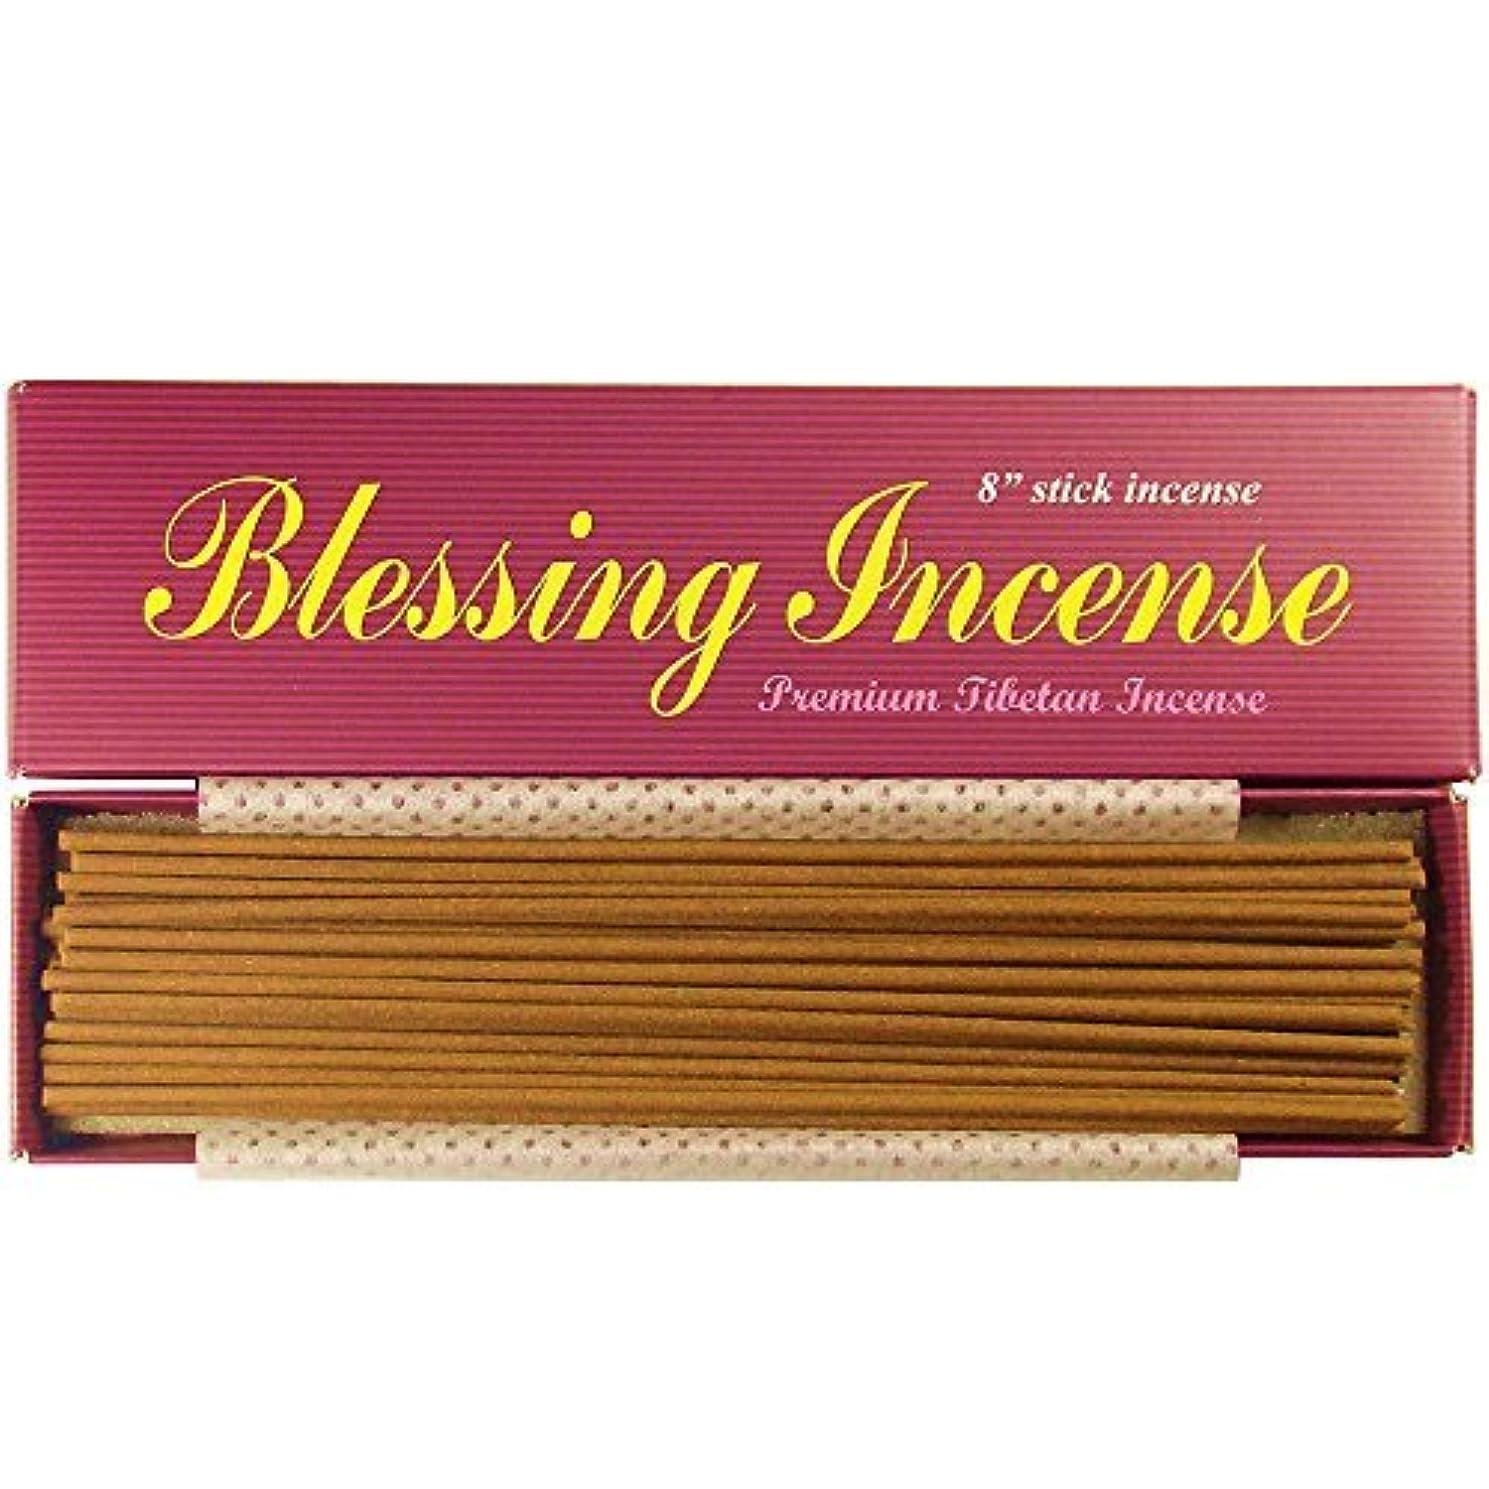 遅滞対抗接続Blessing Incense - 8 Stick Incense - 100% Natural - C003T [並行輸入品]